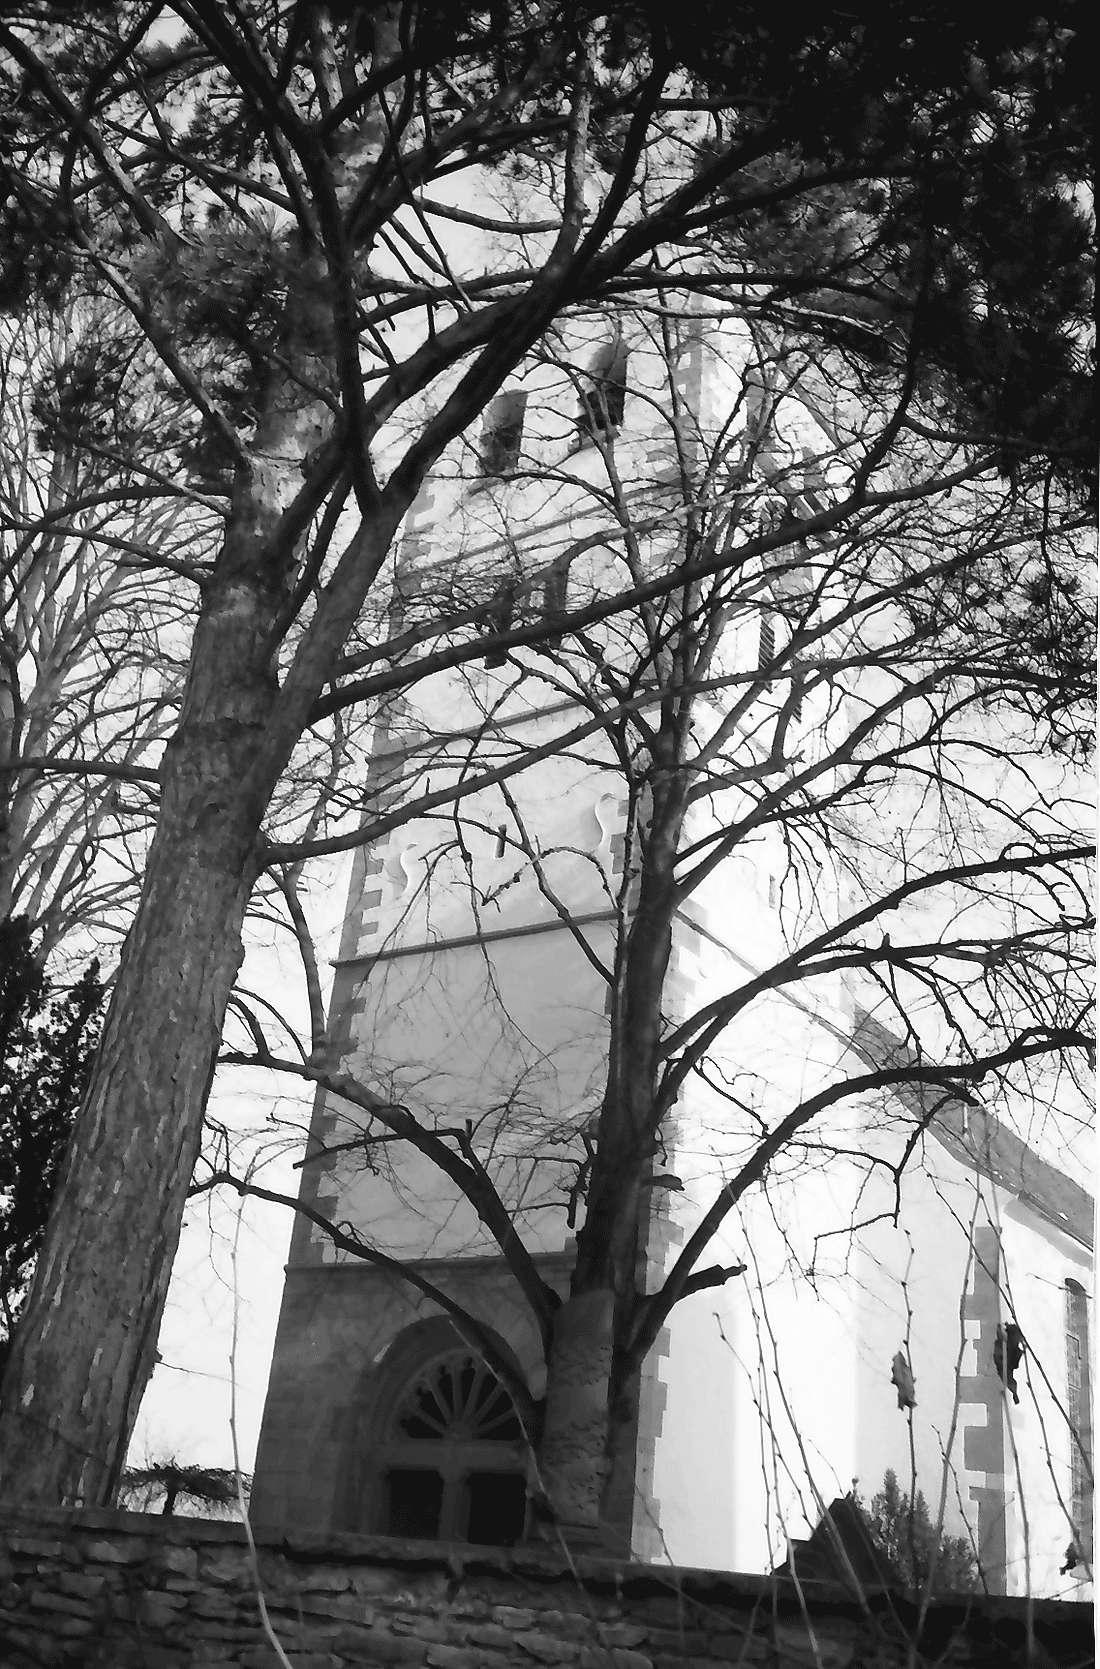 Betberg: Evangelische Kirche nach der Renovierung; Turm; außen durch Äste, Bild 2